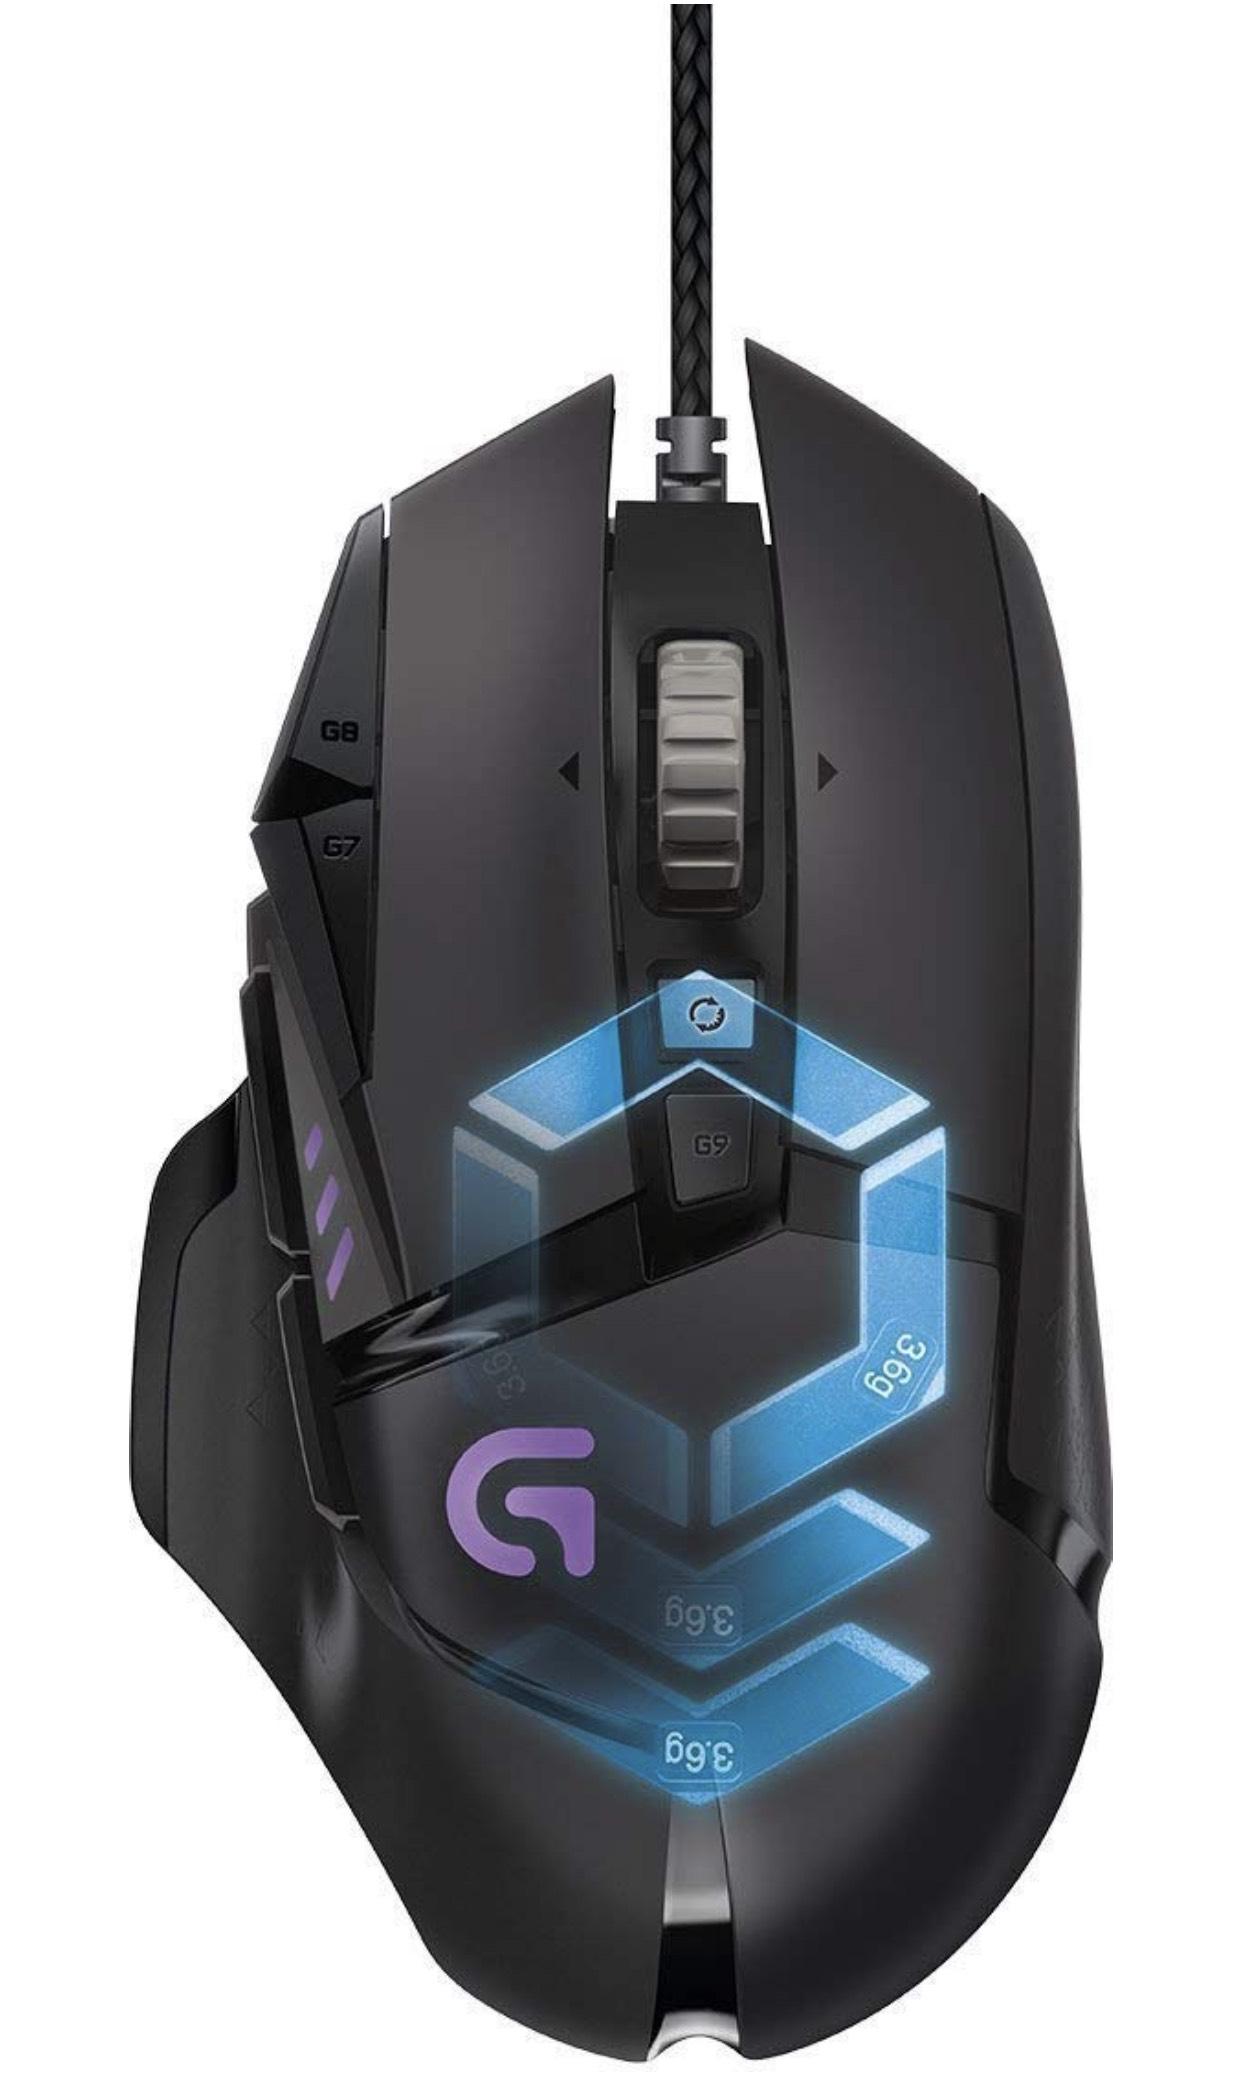 Logitech G502 Proteus Spectrum Gaming-Maus (mit RBG-Anpassung und 11 programmierbaren Tasten, 200 – 12.000 DPI) für 44,36€